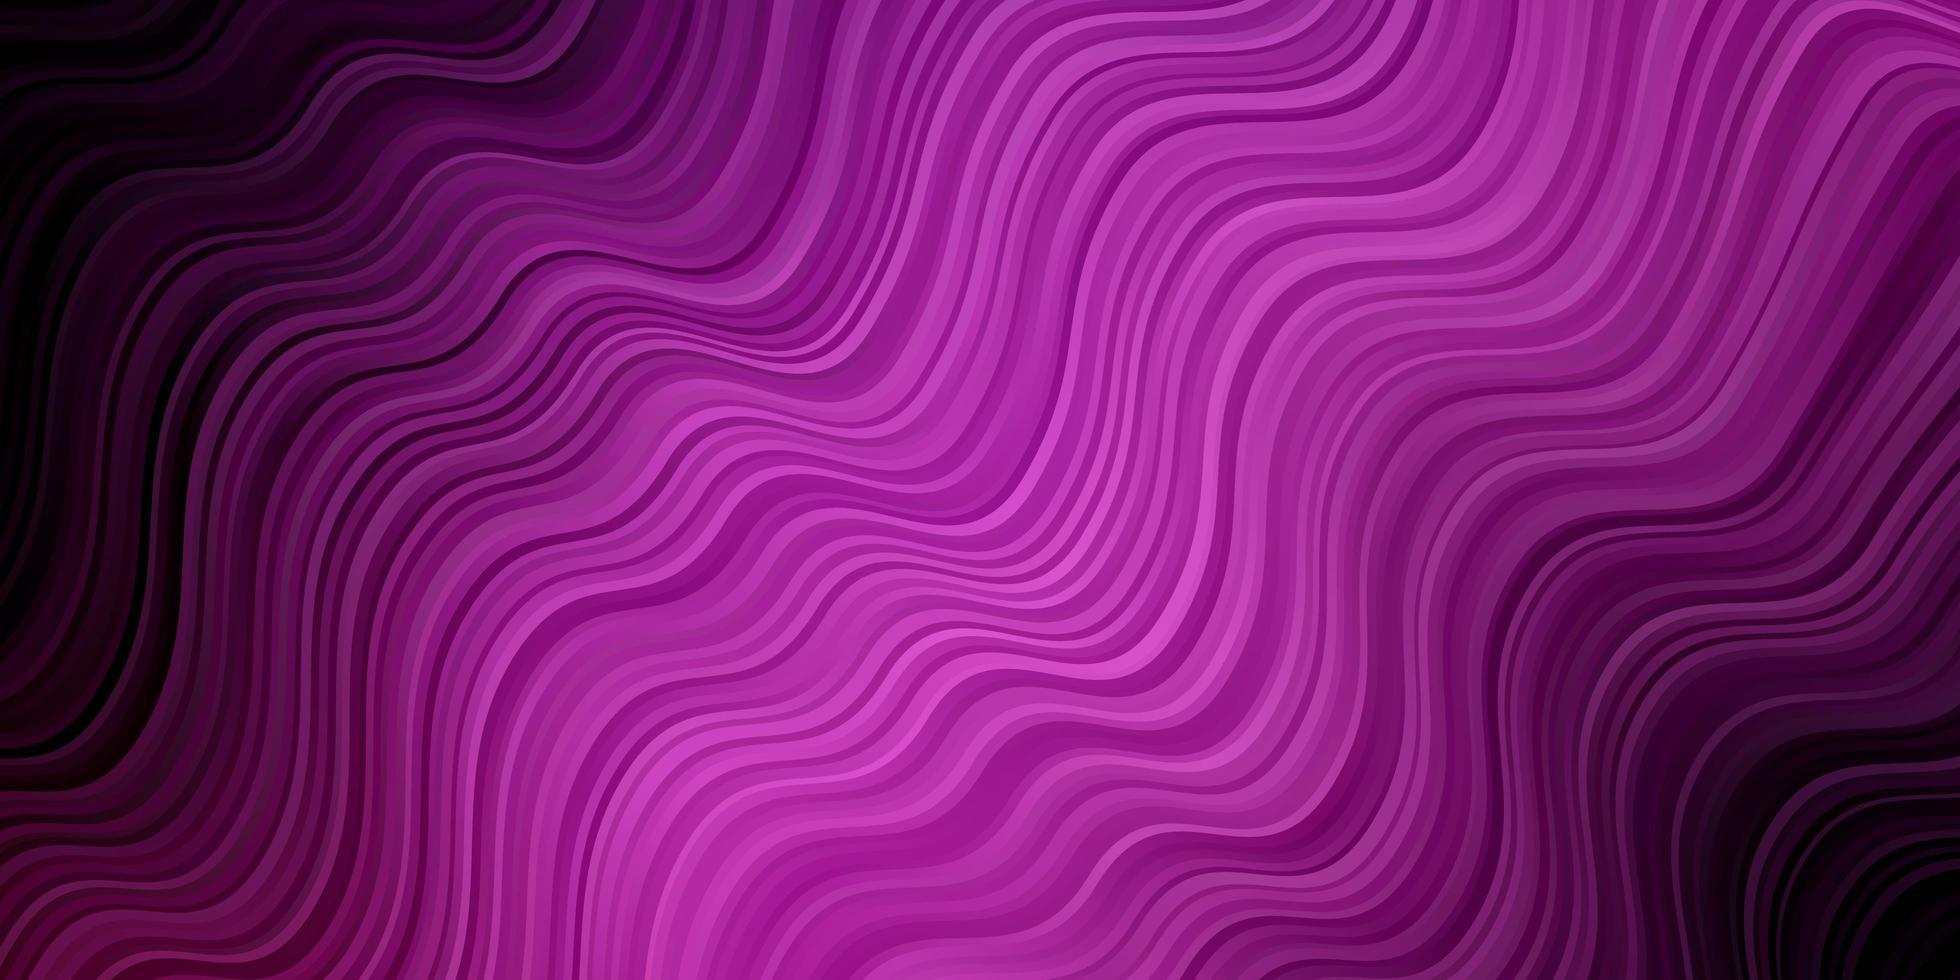 modèle vectoriel violet clair, rose avec des lignes courbes.